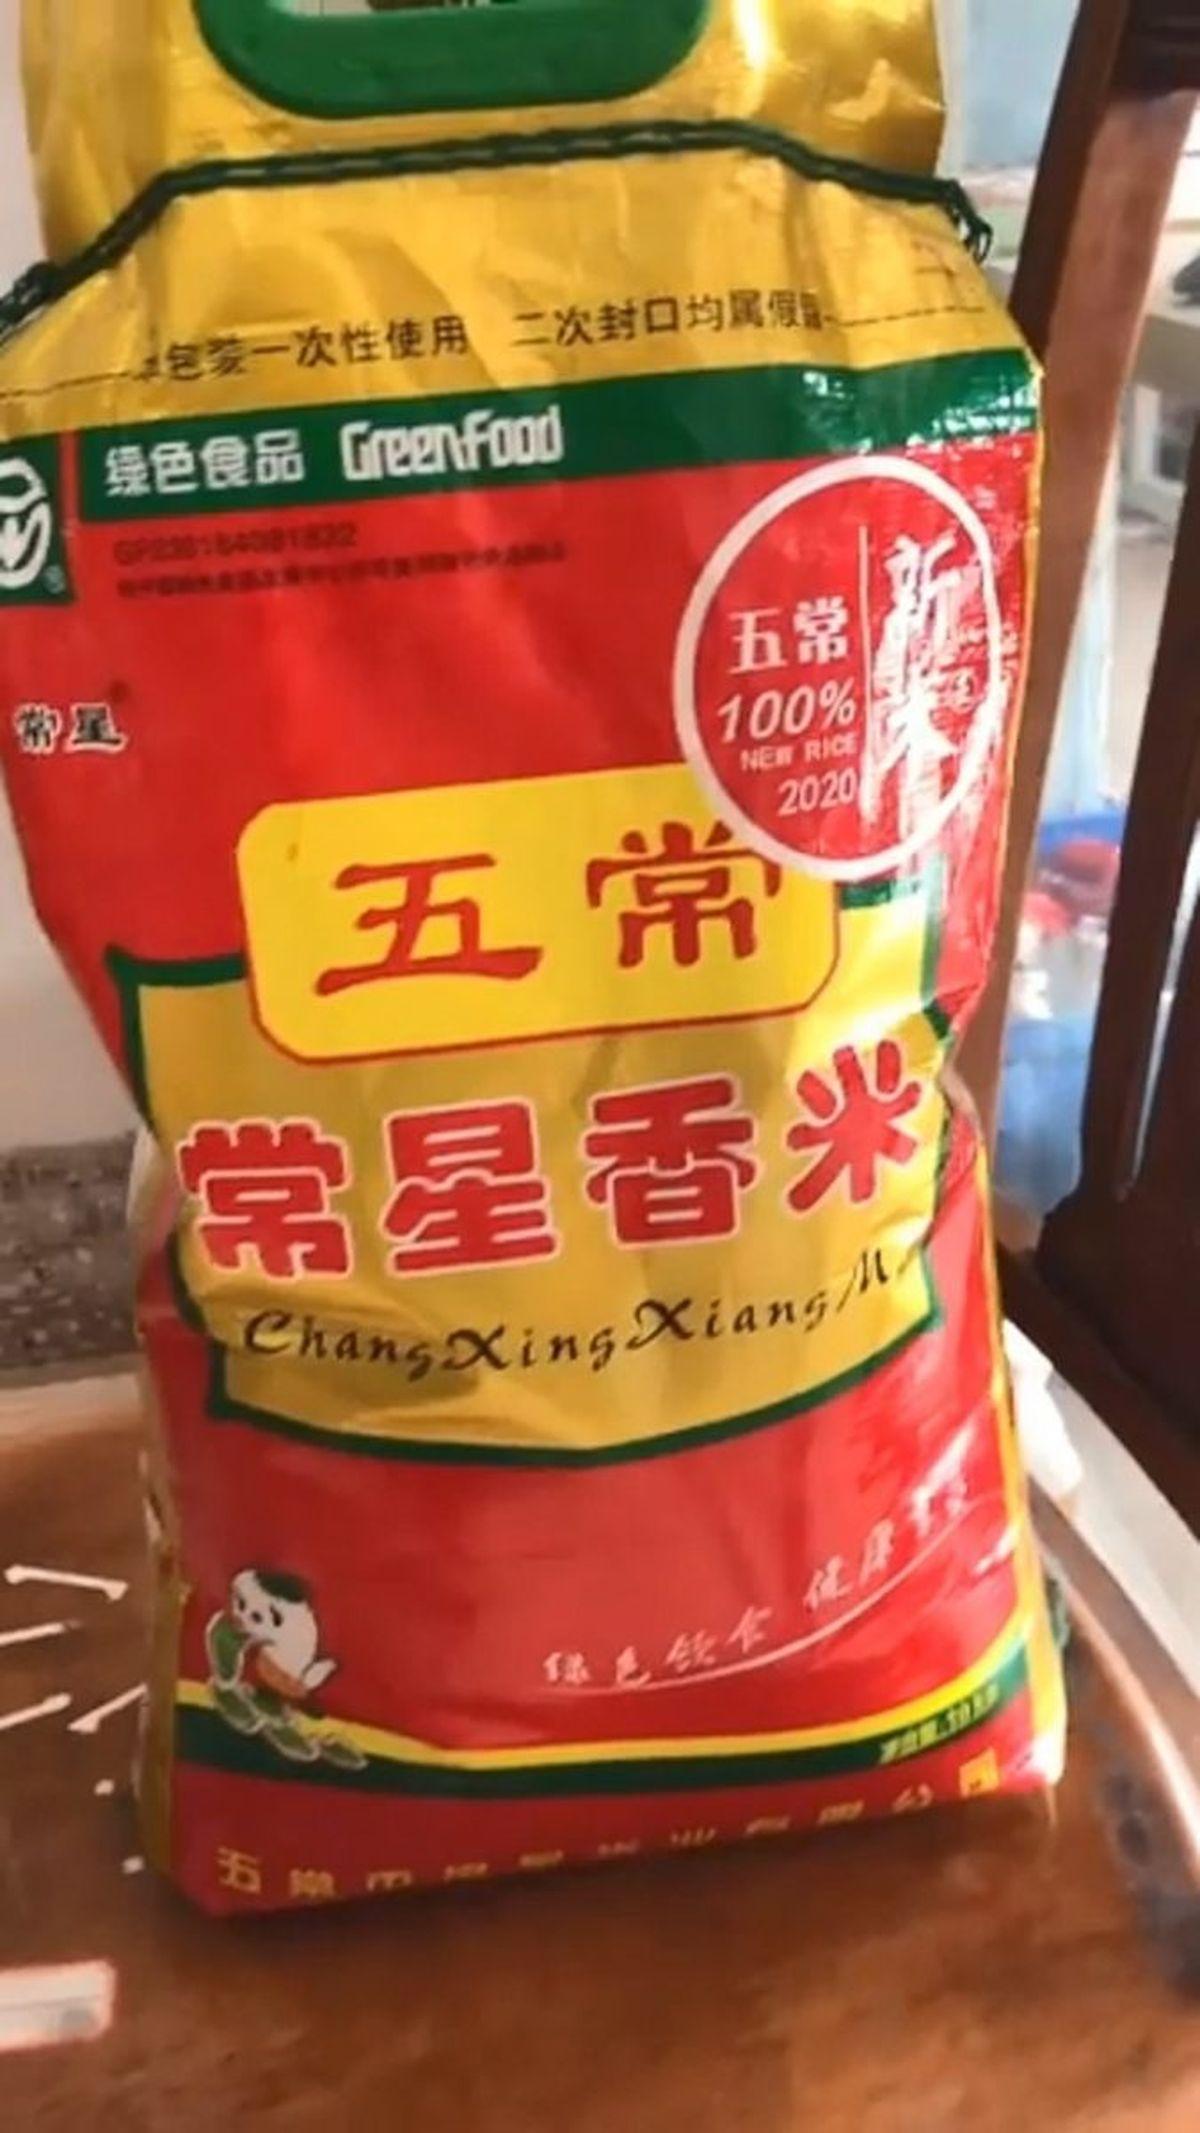 A intervalles réguliers, le mythe du riz plastique chinois refait surface. La même histoire, différentes variantes. 2020 n'échappe pas à la règle, surtout avec la sinophobie stupide ambiante.